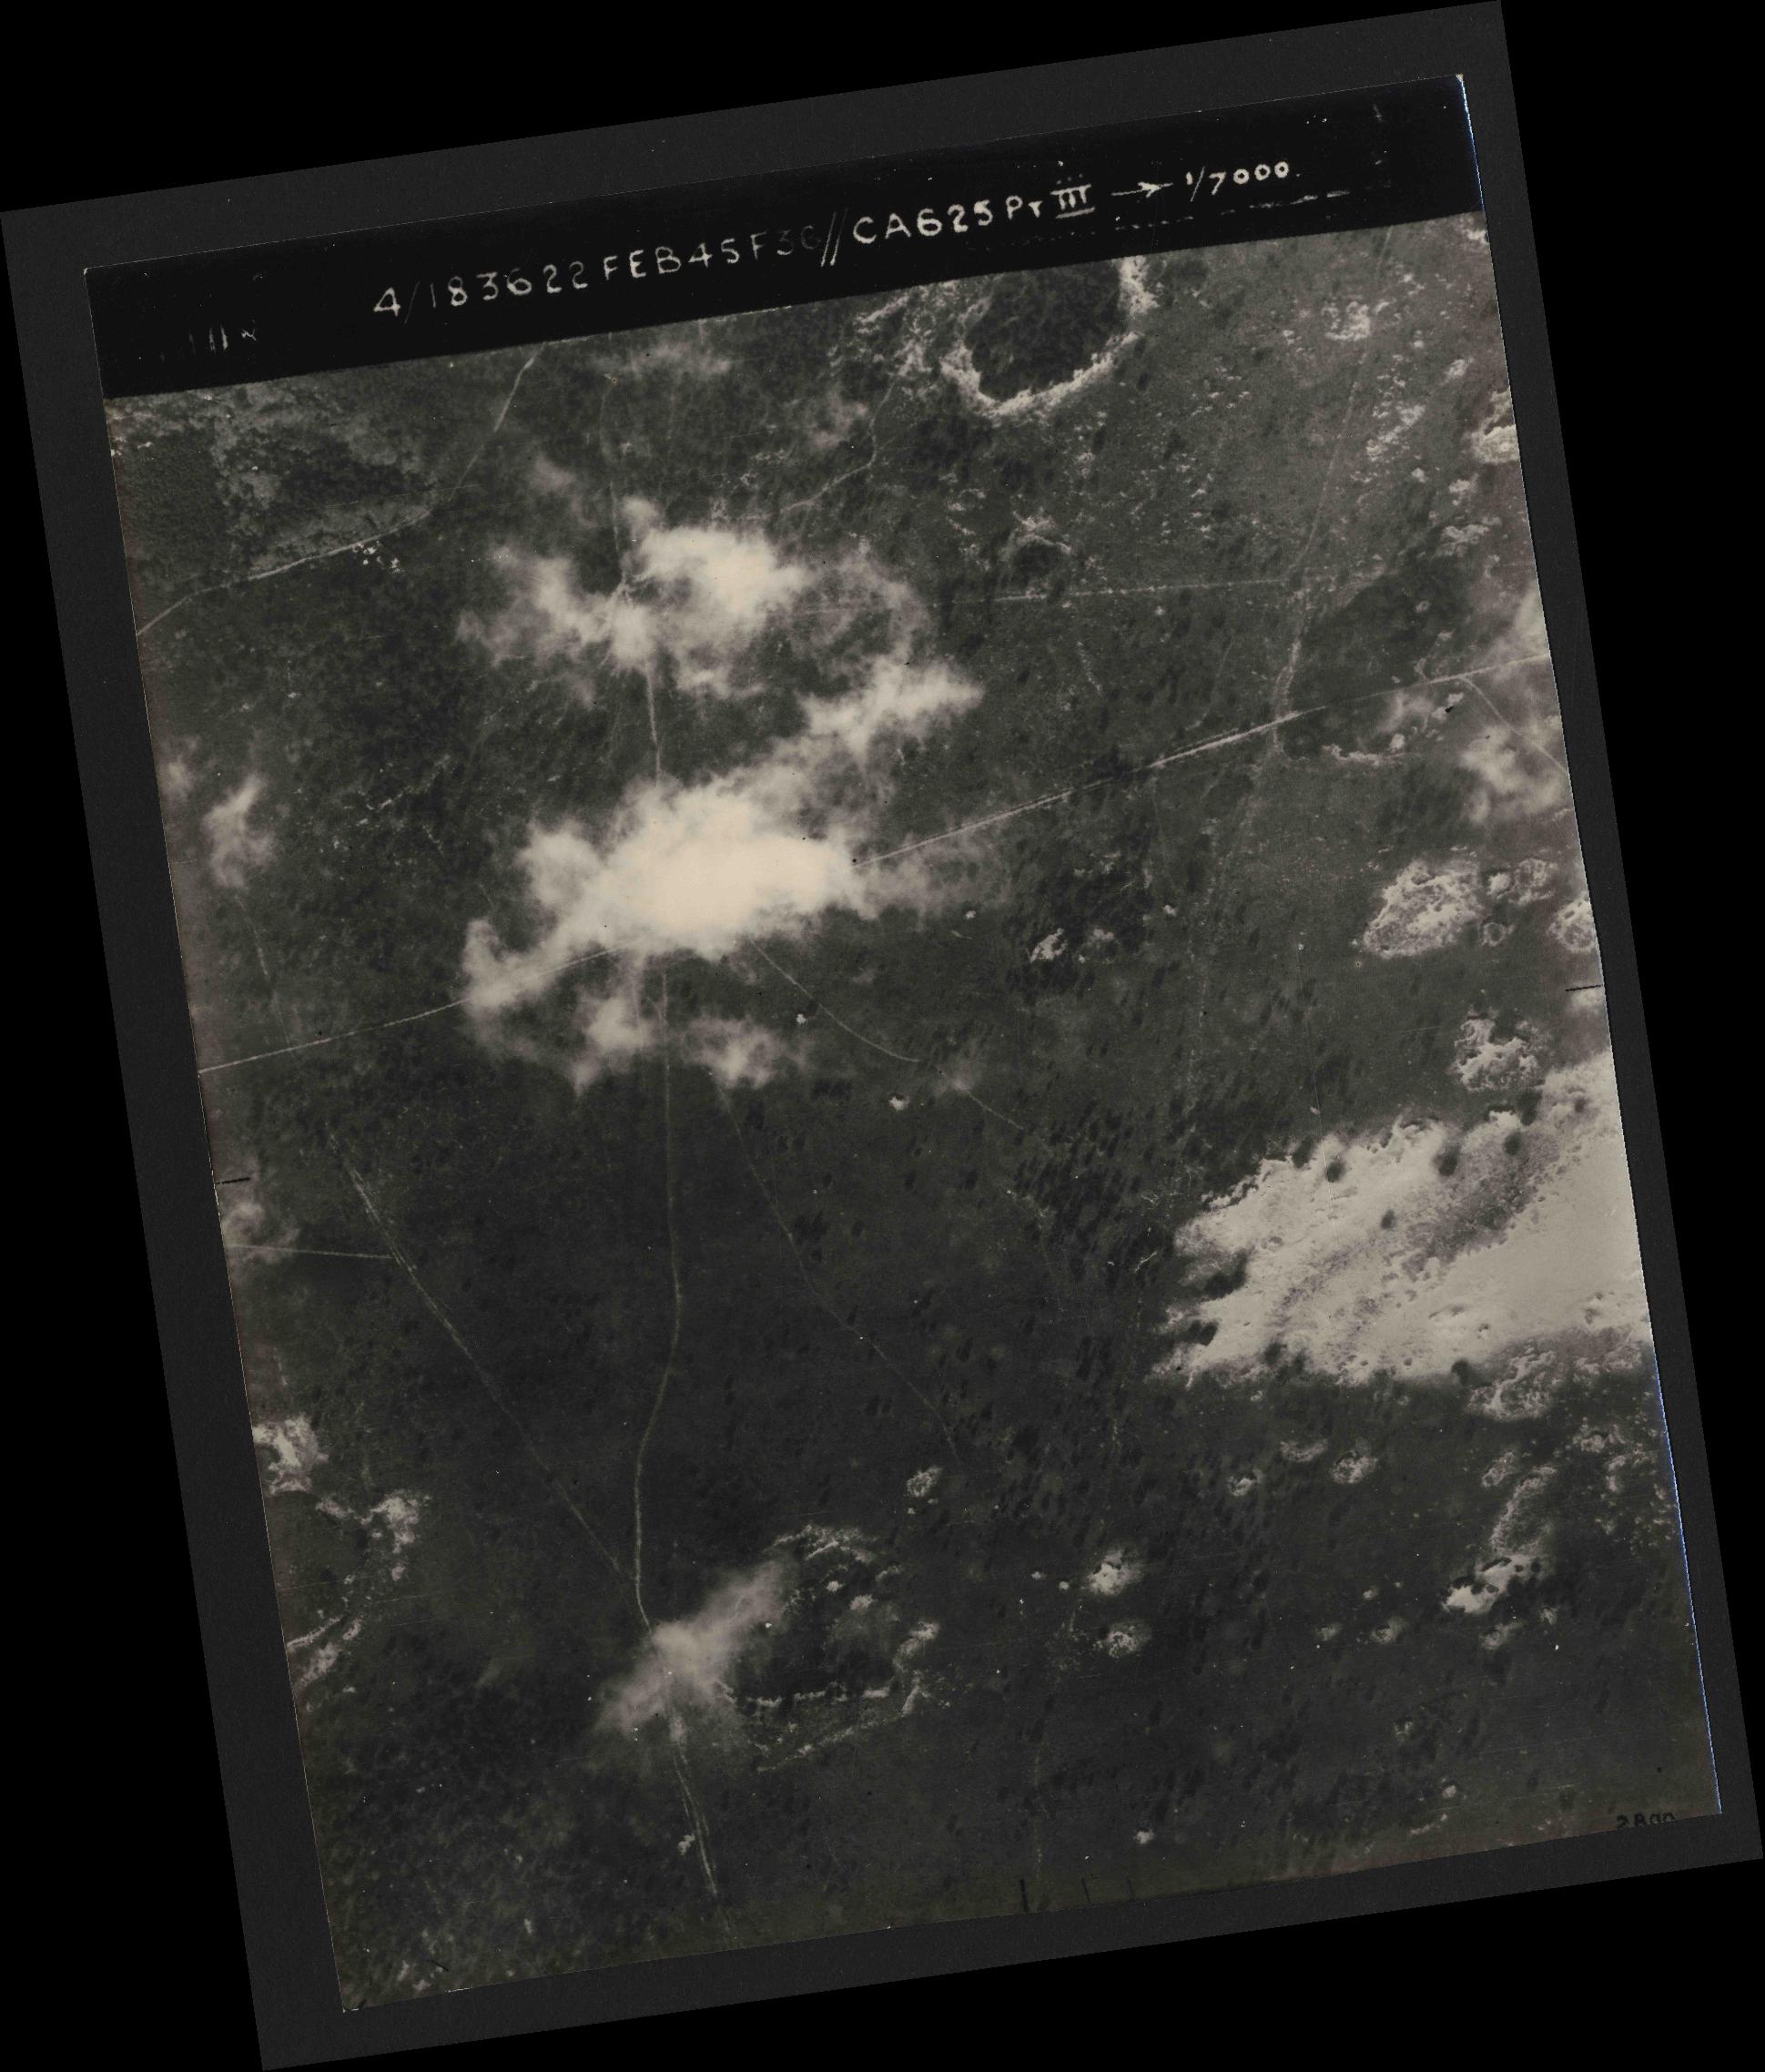 Collection RAF aerial photos 1940-1945 - flight 204, run 01, photo 3008